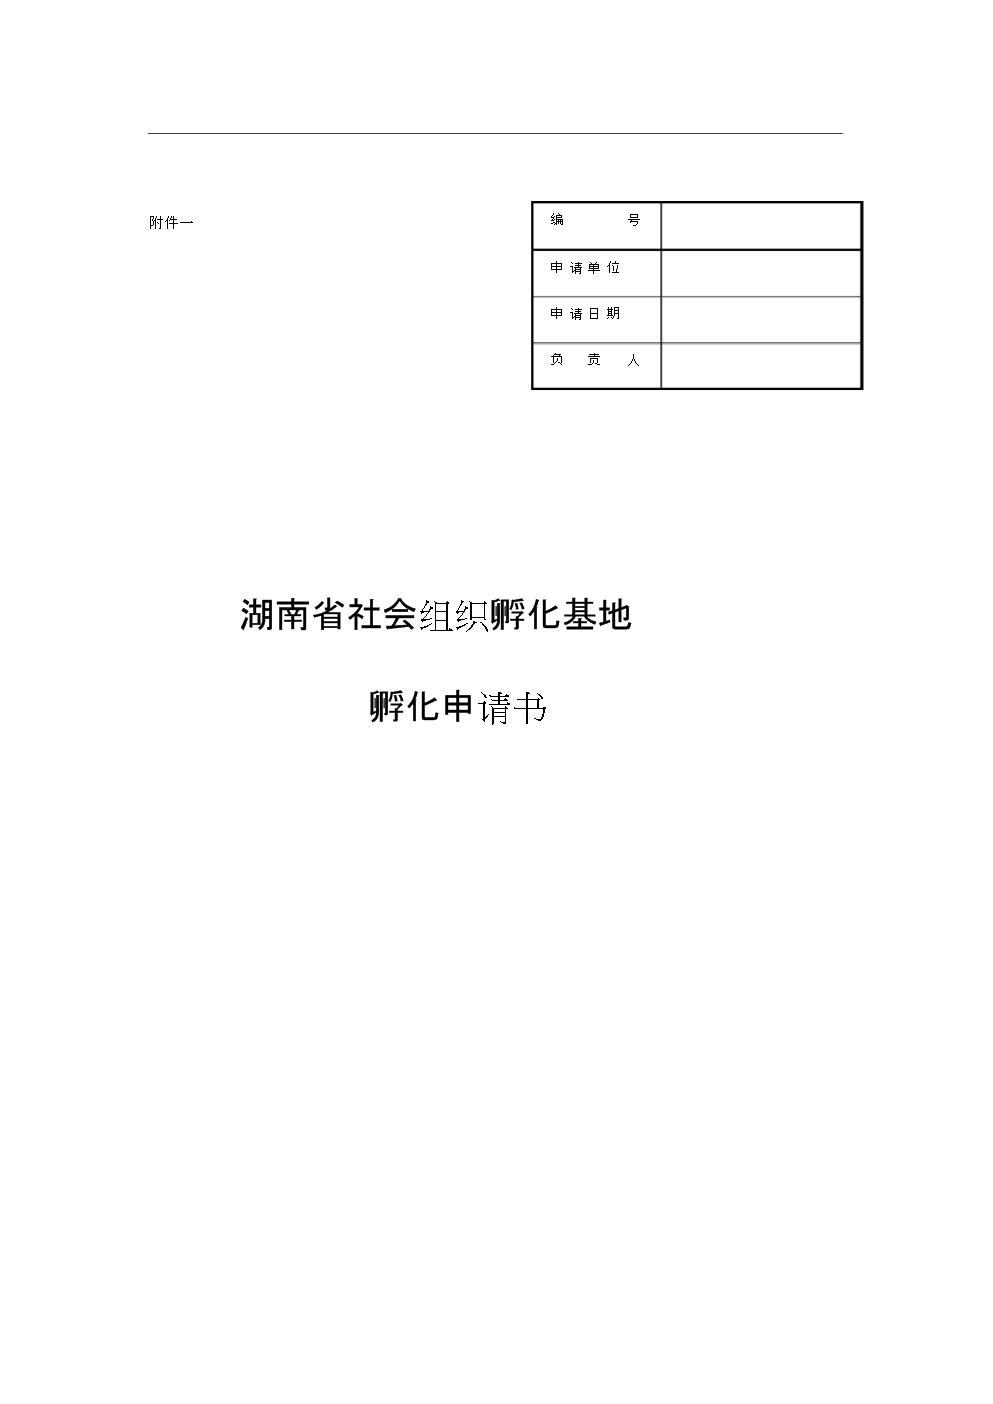 孵化申请书文档.docx